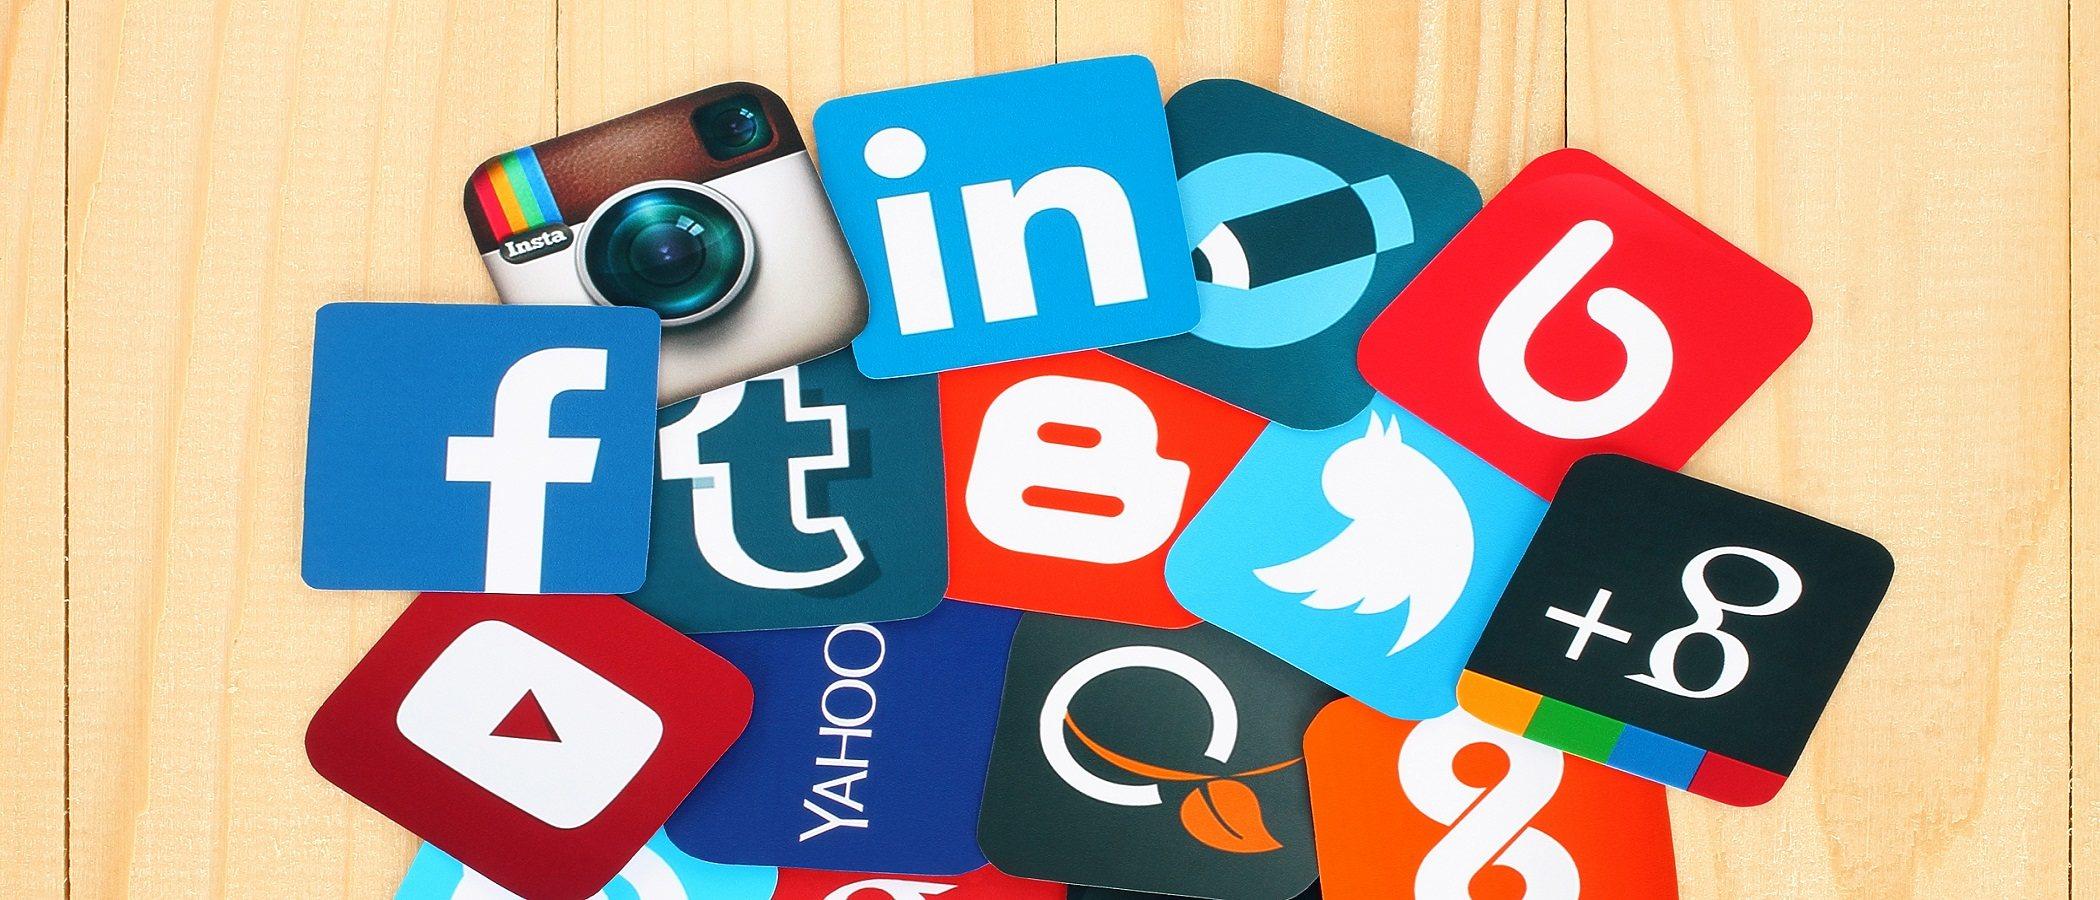 Cómo actuar si intentan avergonzar tu maternidad en redes sociales